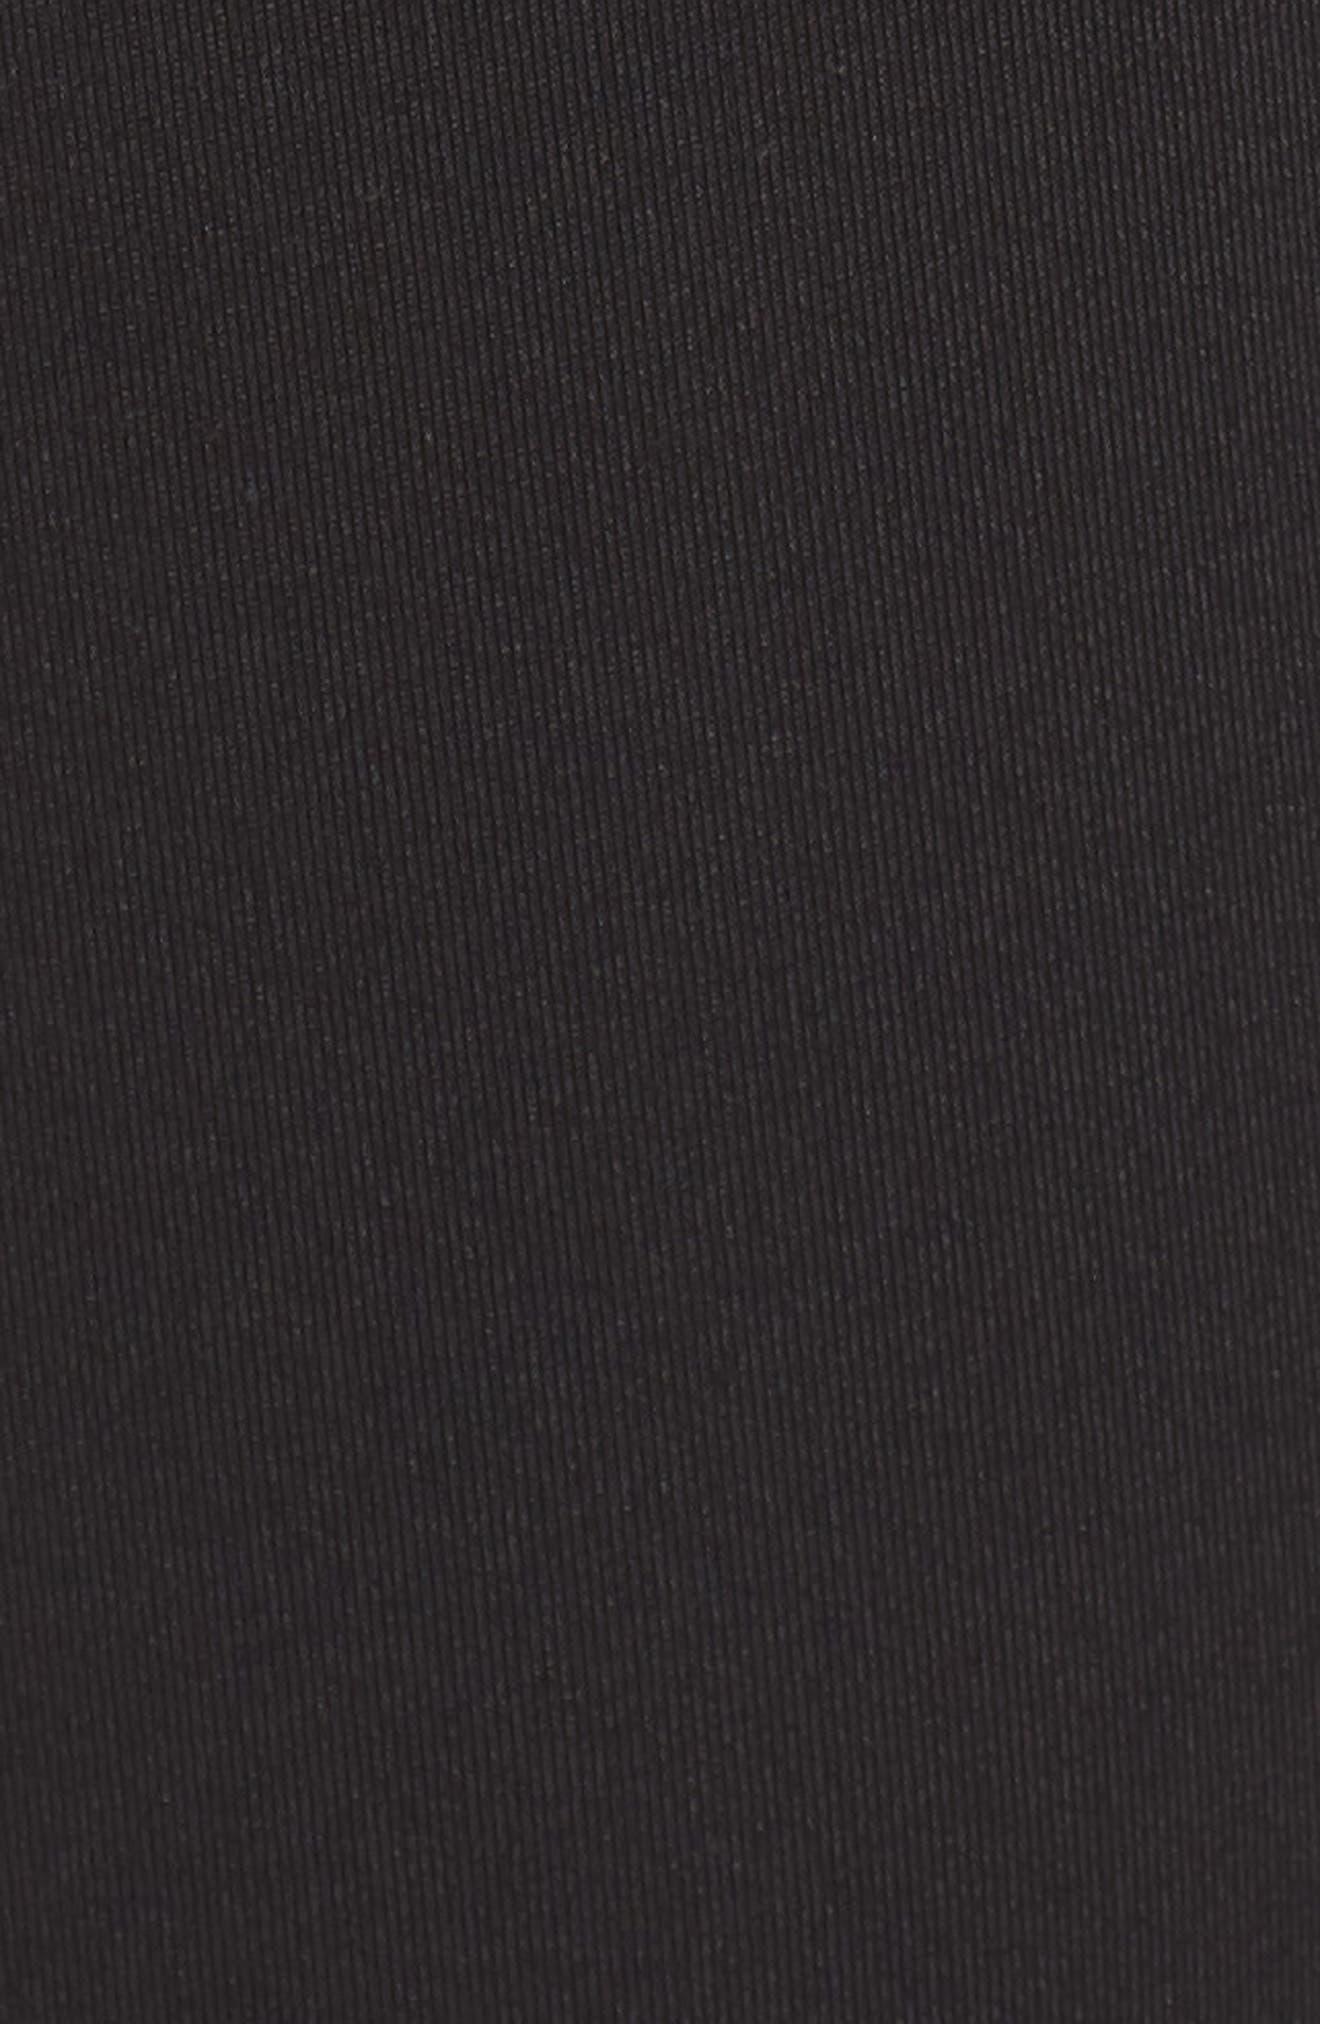 Rose High Waist Capri Leggings,                             Alternate thumbnail 6, color,                             Black/ Off White